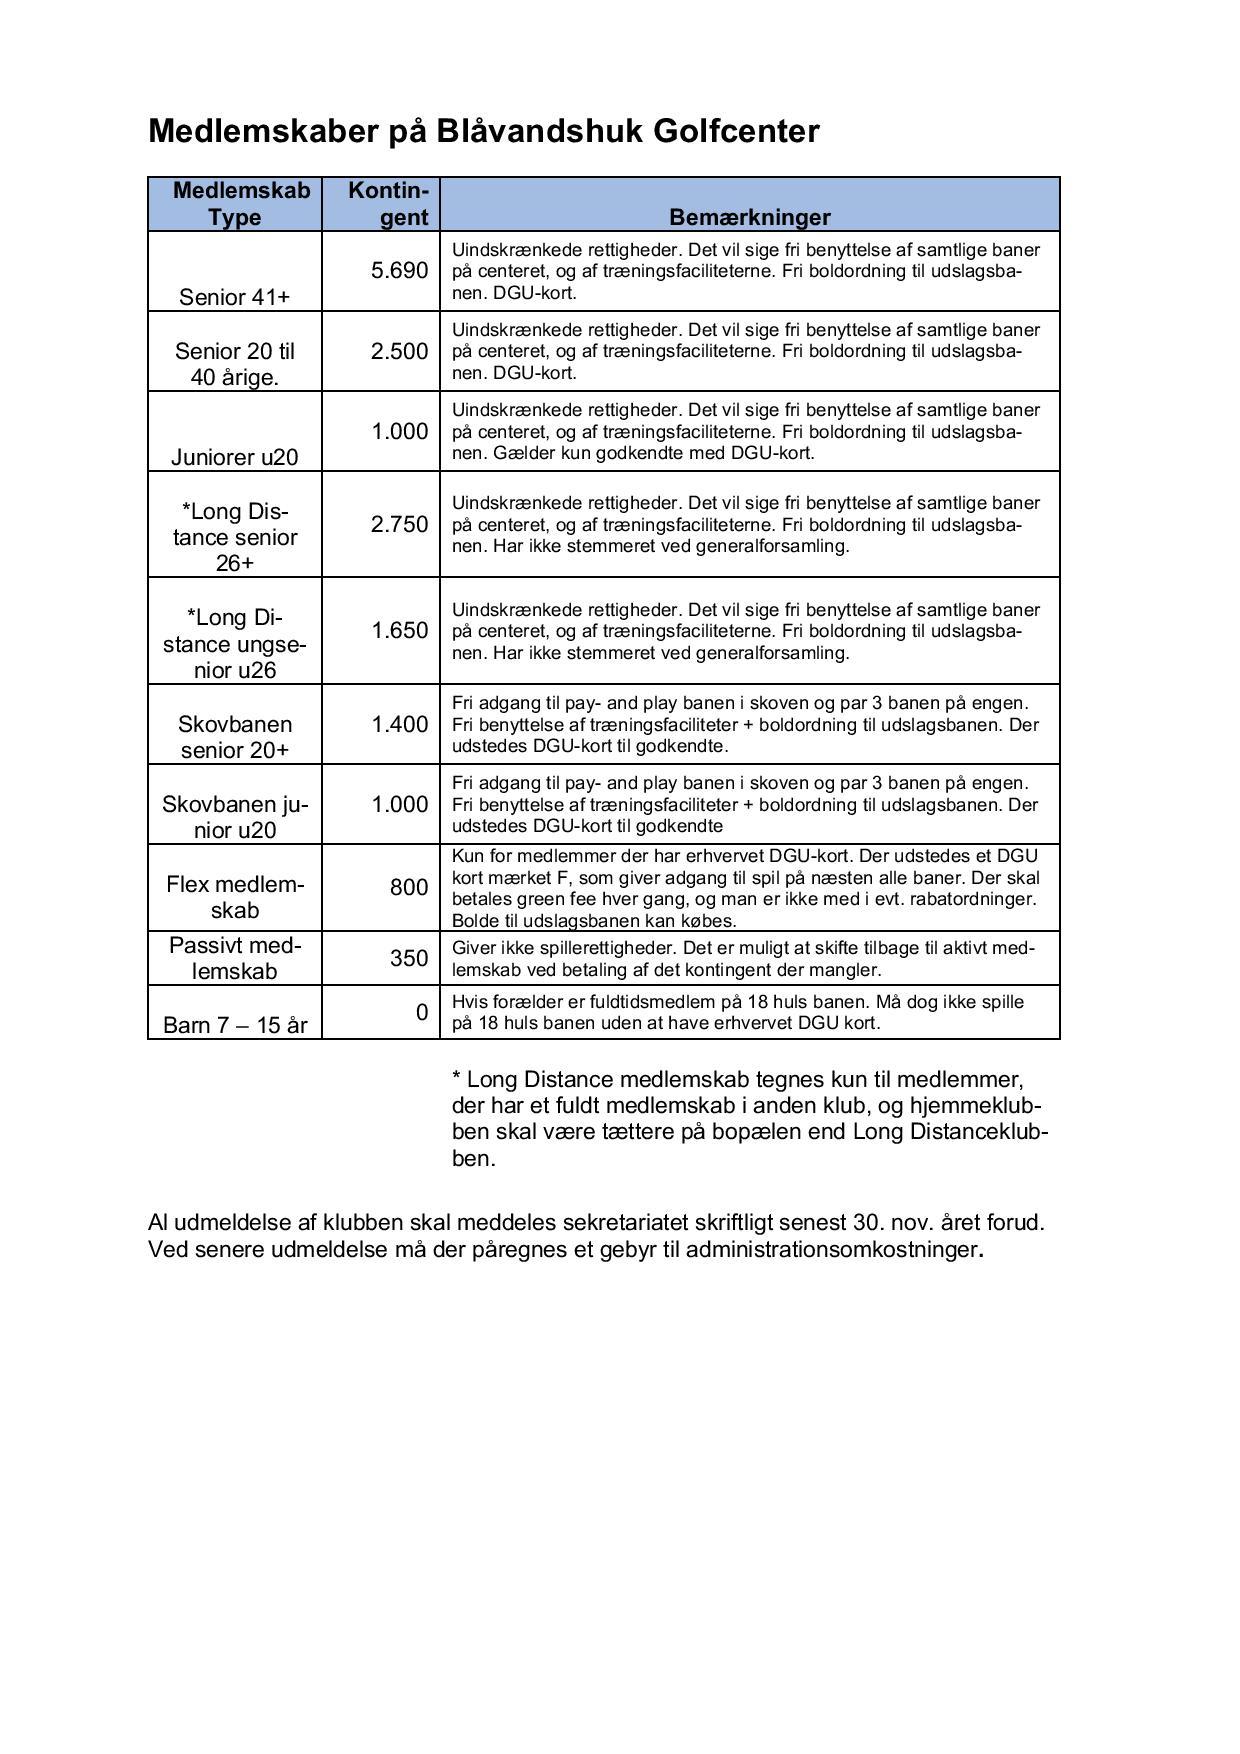 Medlemskaber 2019-page-001-2